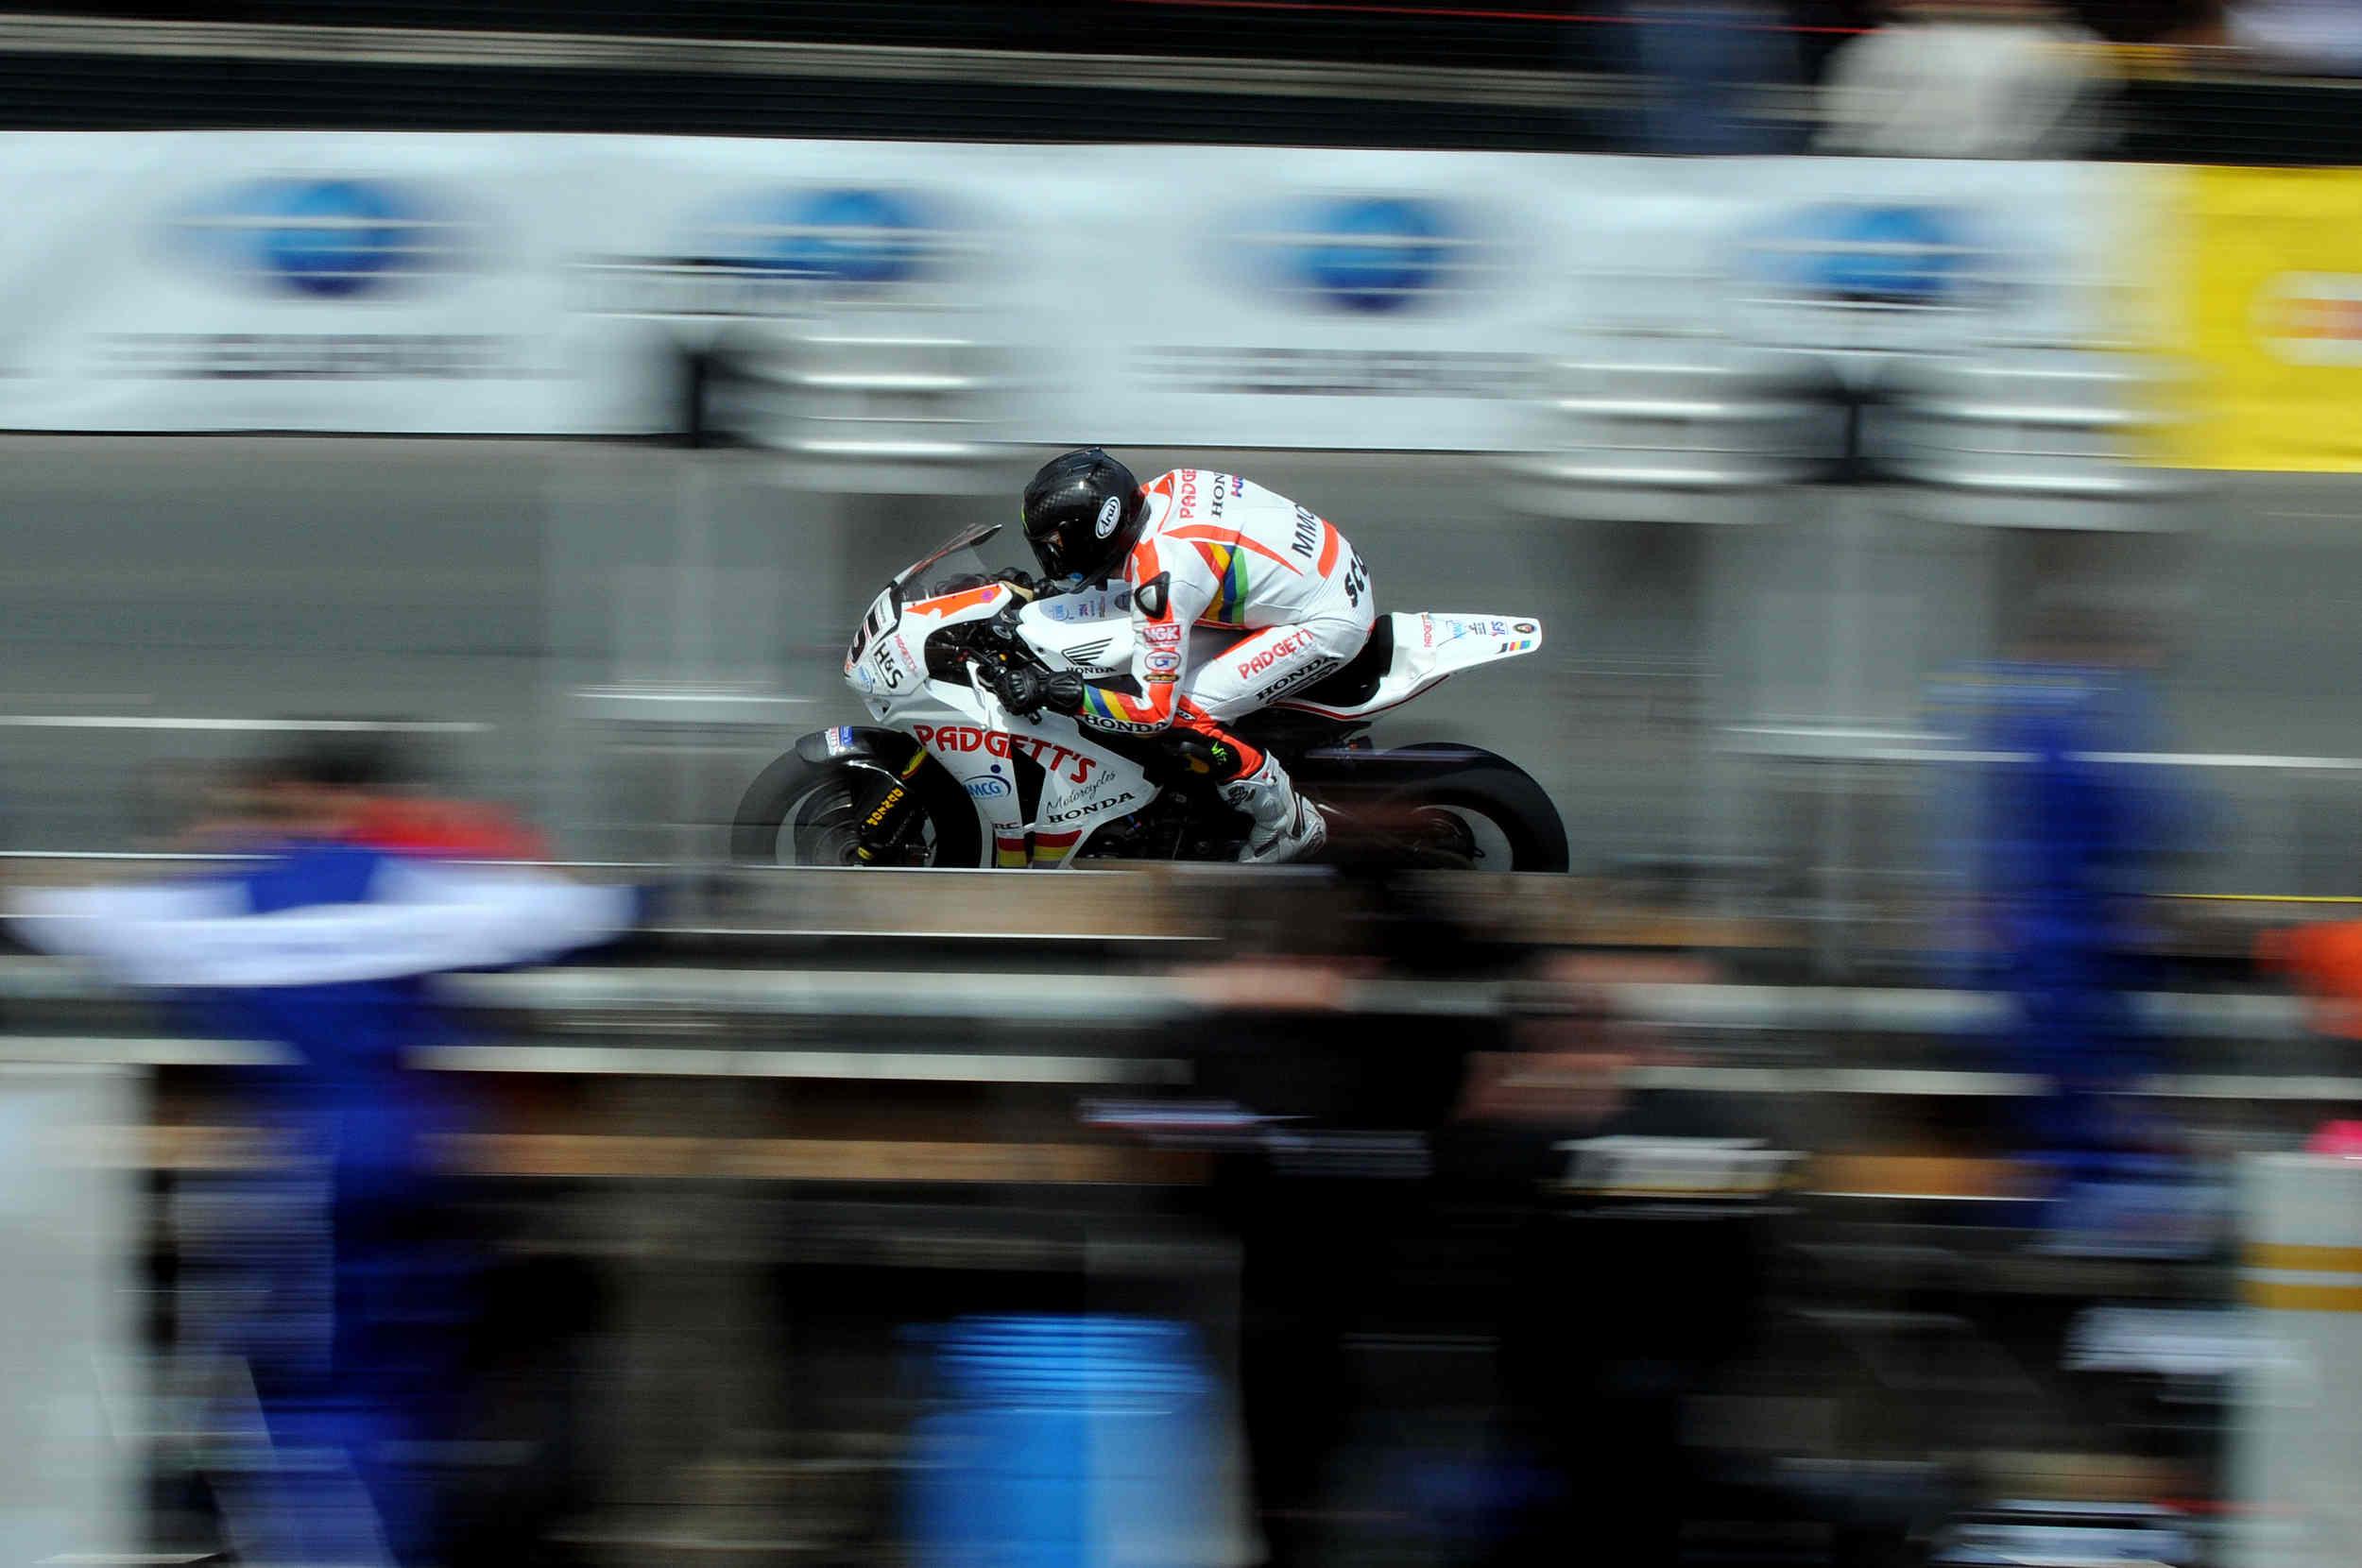 Superbike TT 2012 - Bruce Anstey